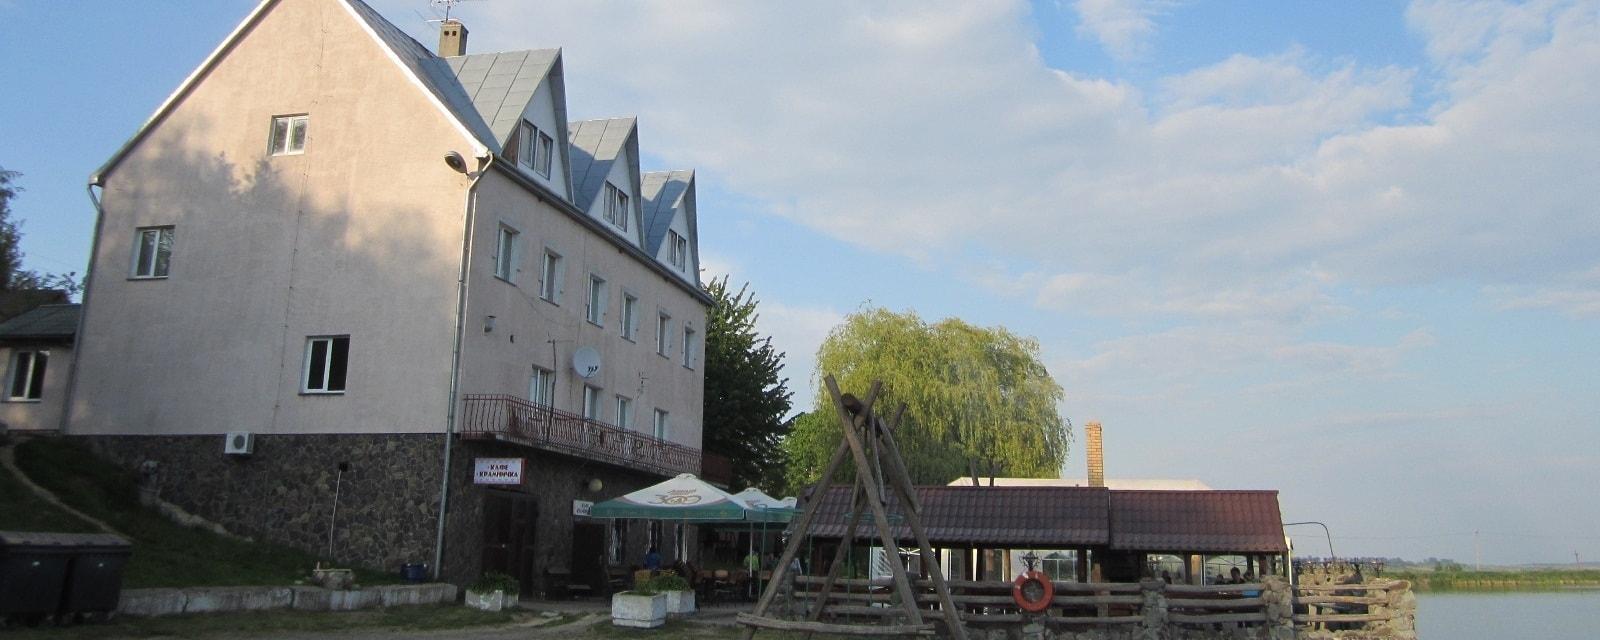 База відпочинку Альбатрос неподалік Львова у селі Воля-Гомулецька